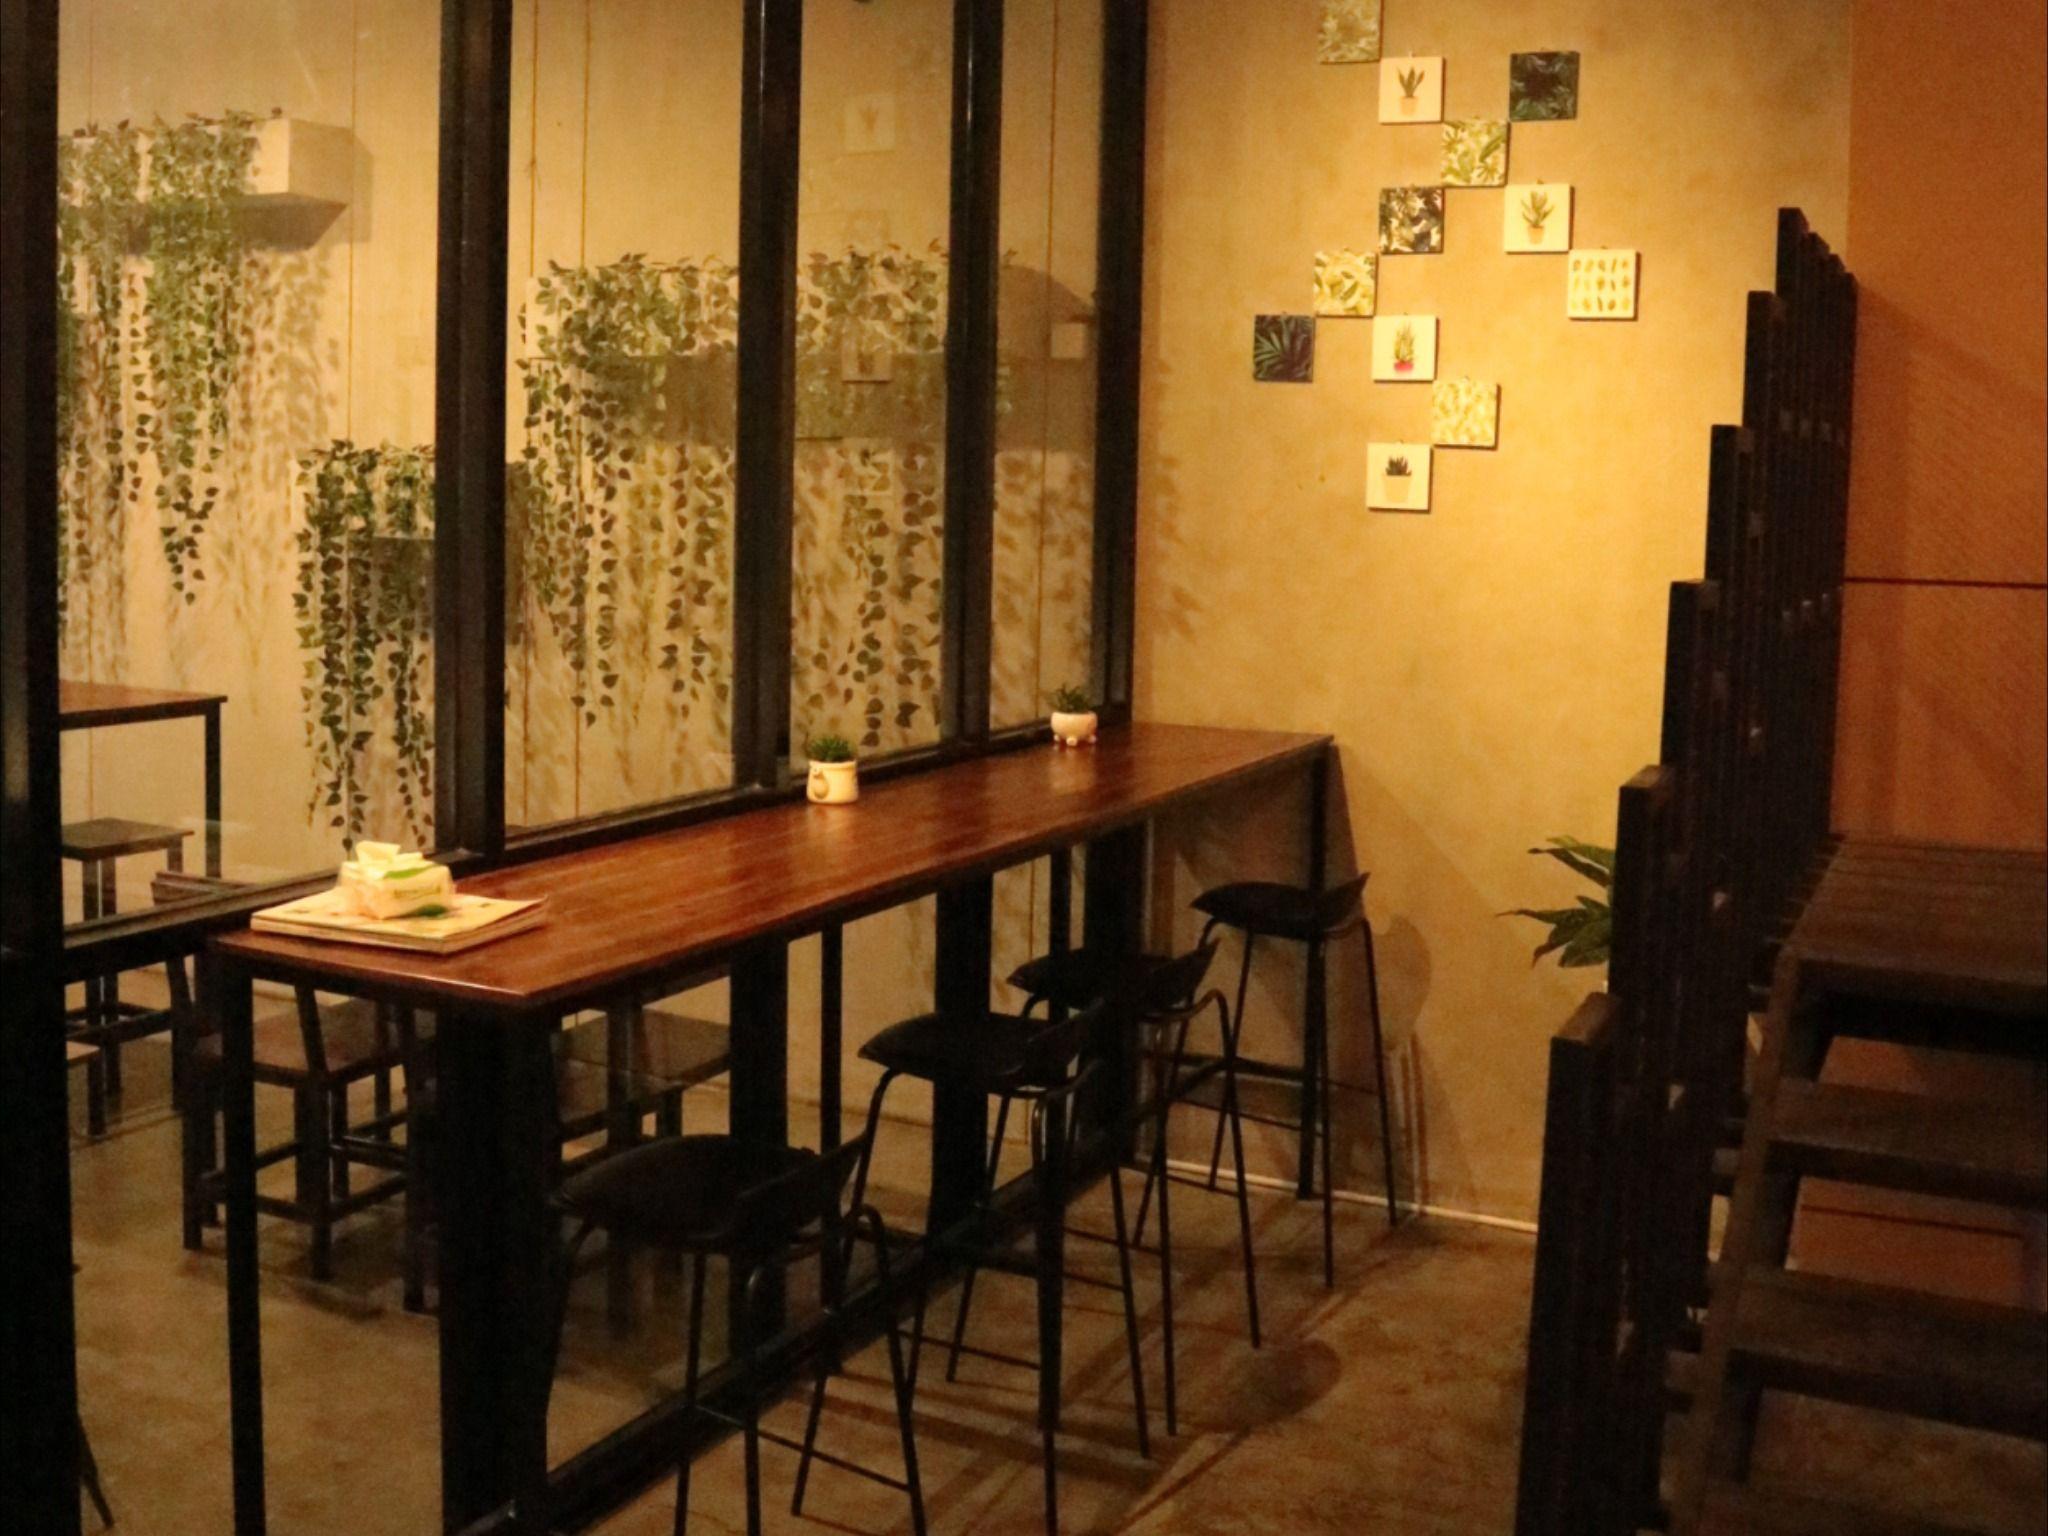 Coffeeshop Interior di 2020